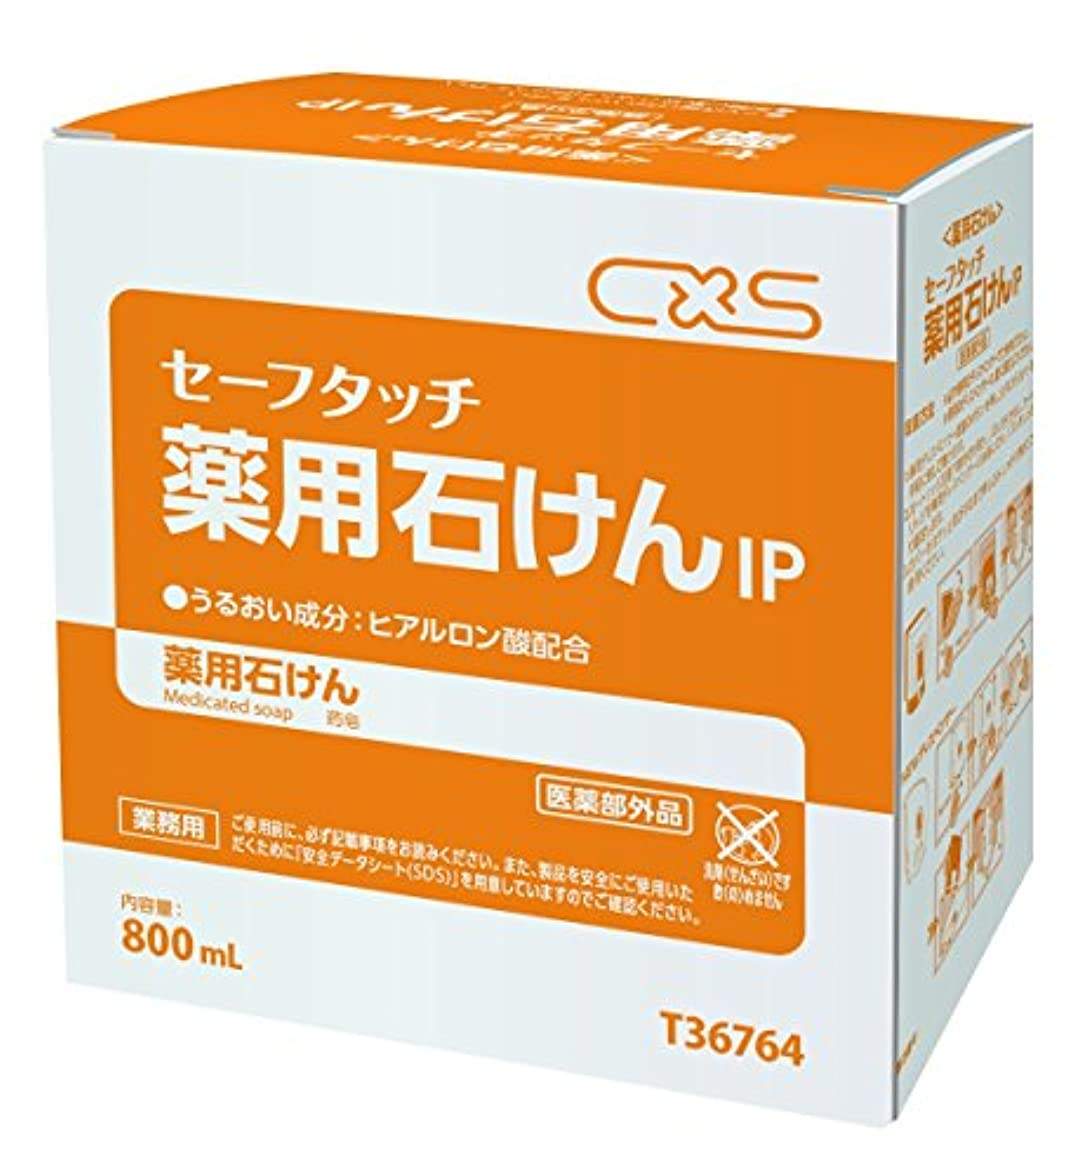 満たす規制明らかセーフタッチ 薬用石けんIP 6箱セット